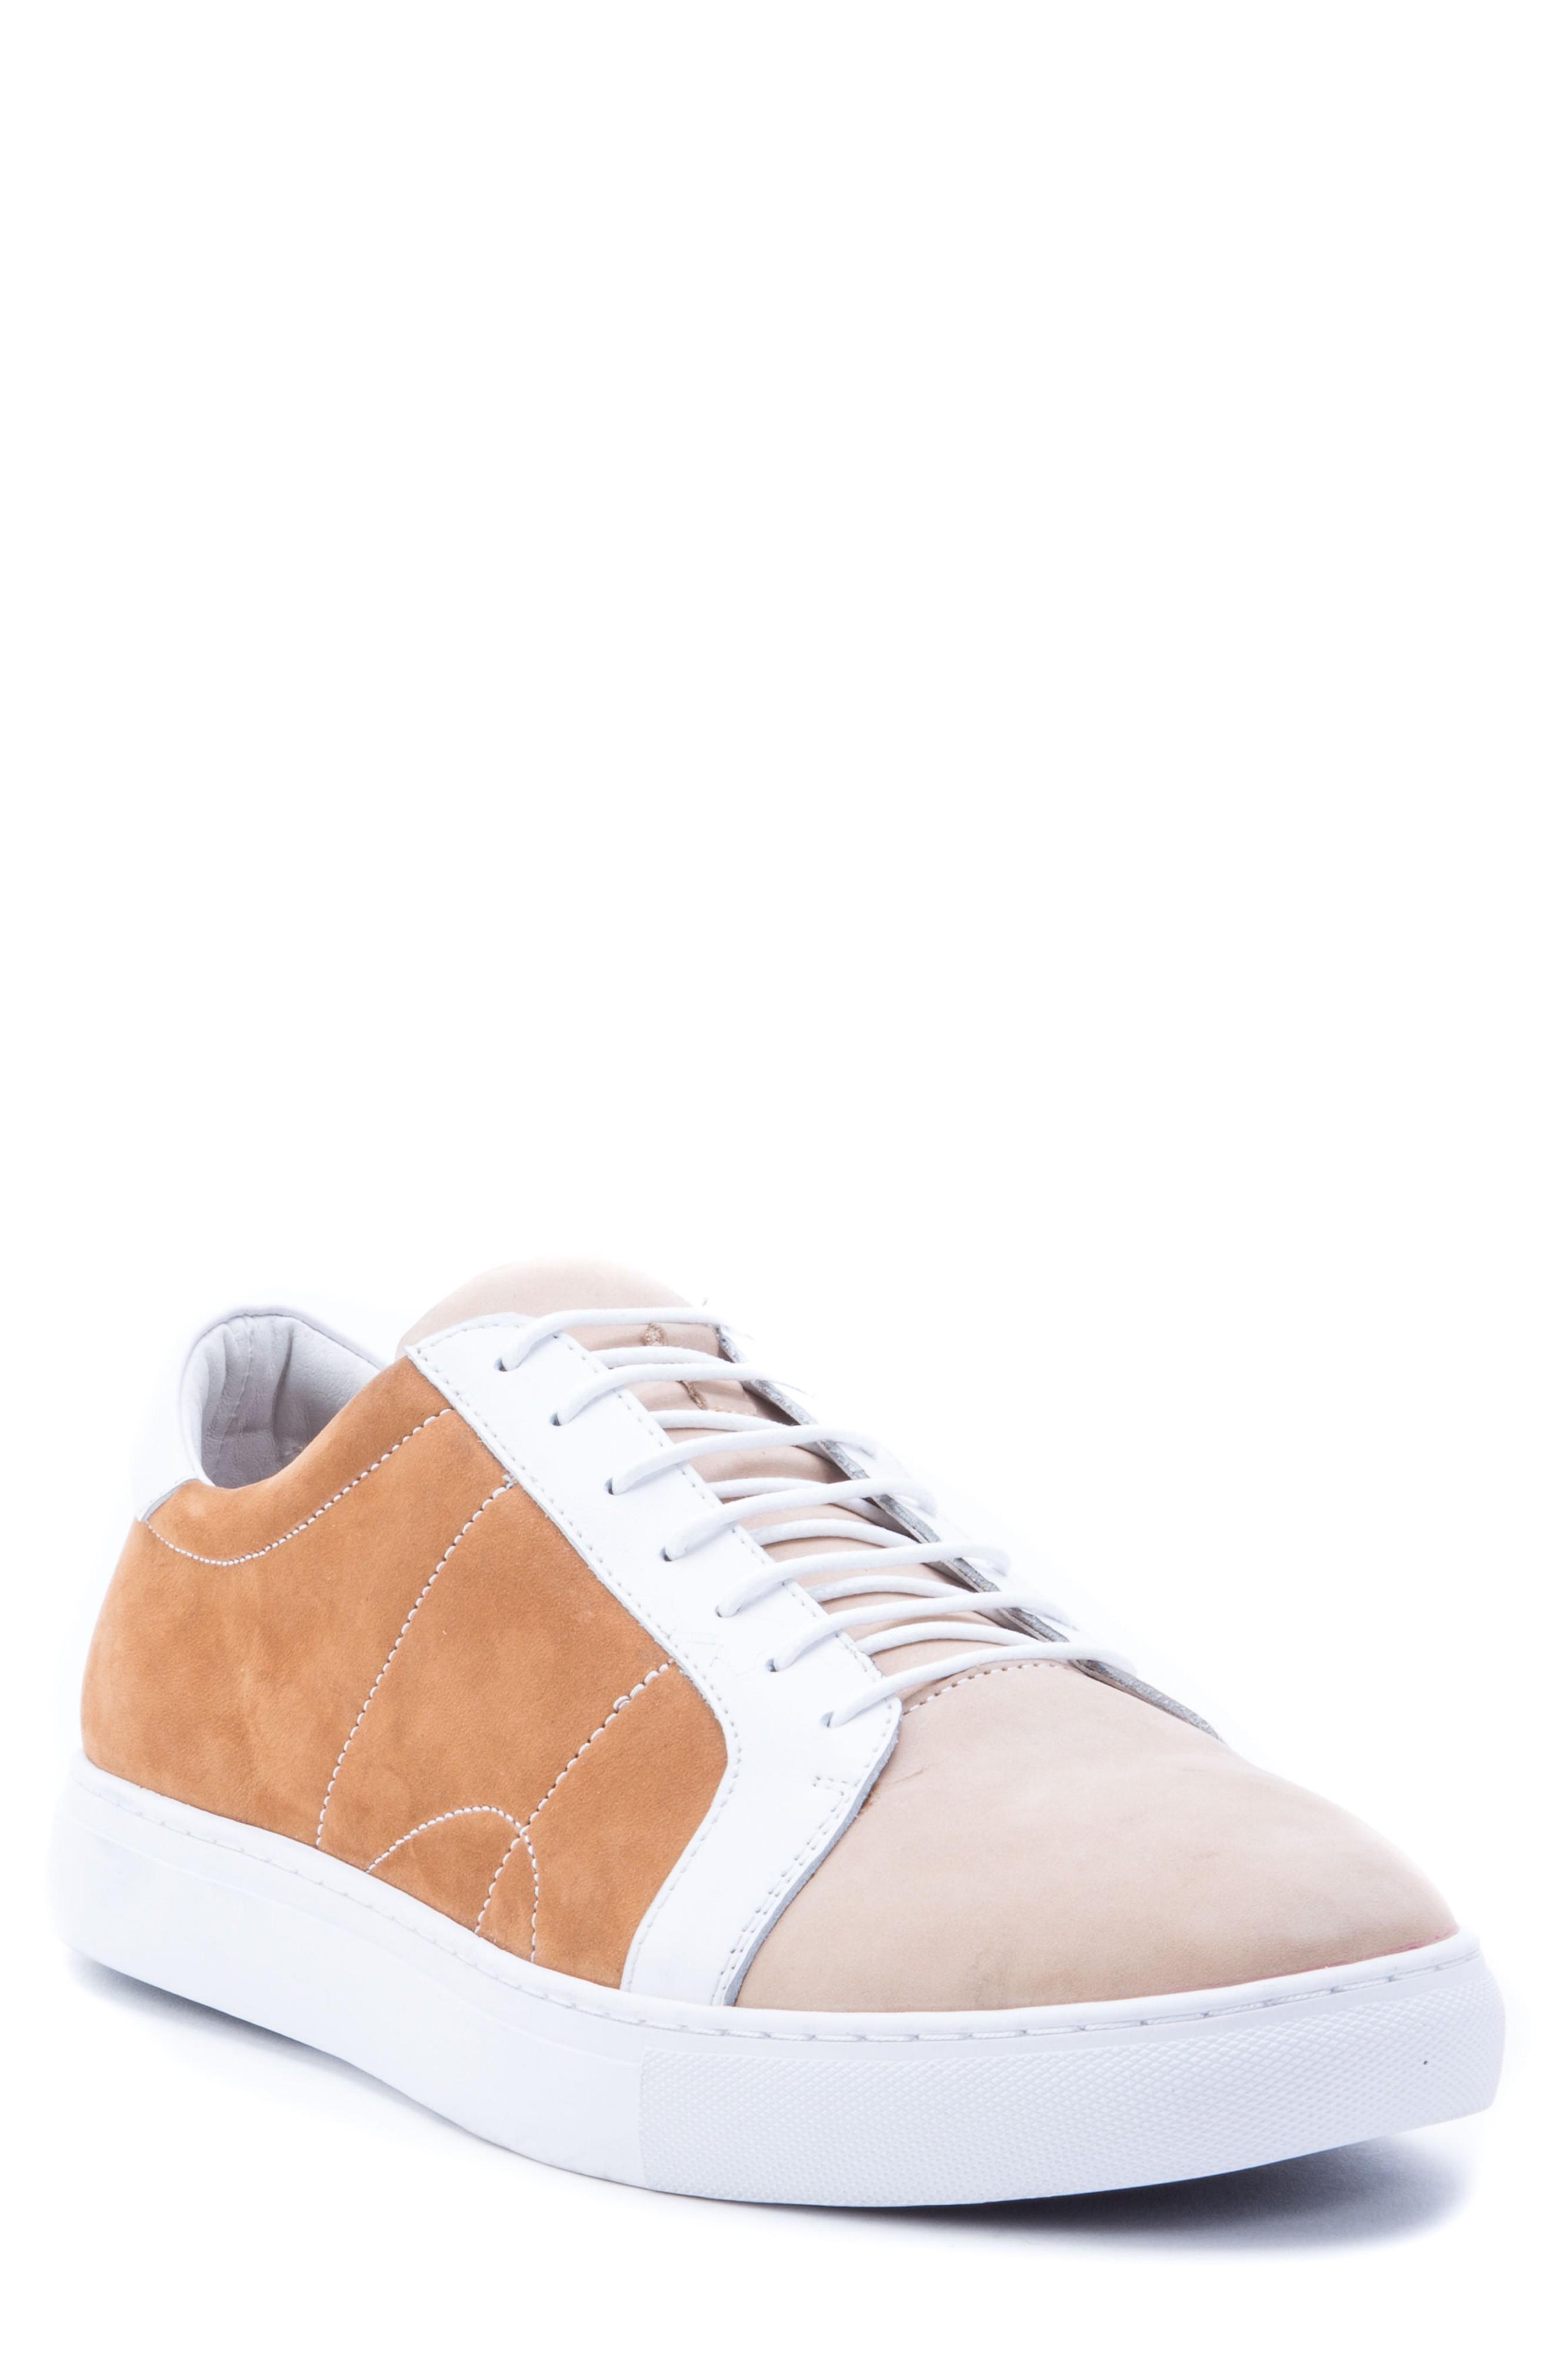 Robert Graham Gonzalo Low Top Sneaker In Nocolor